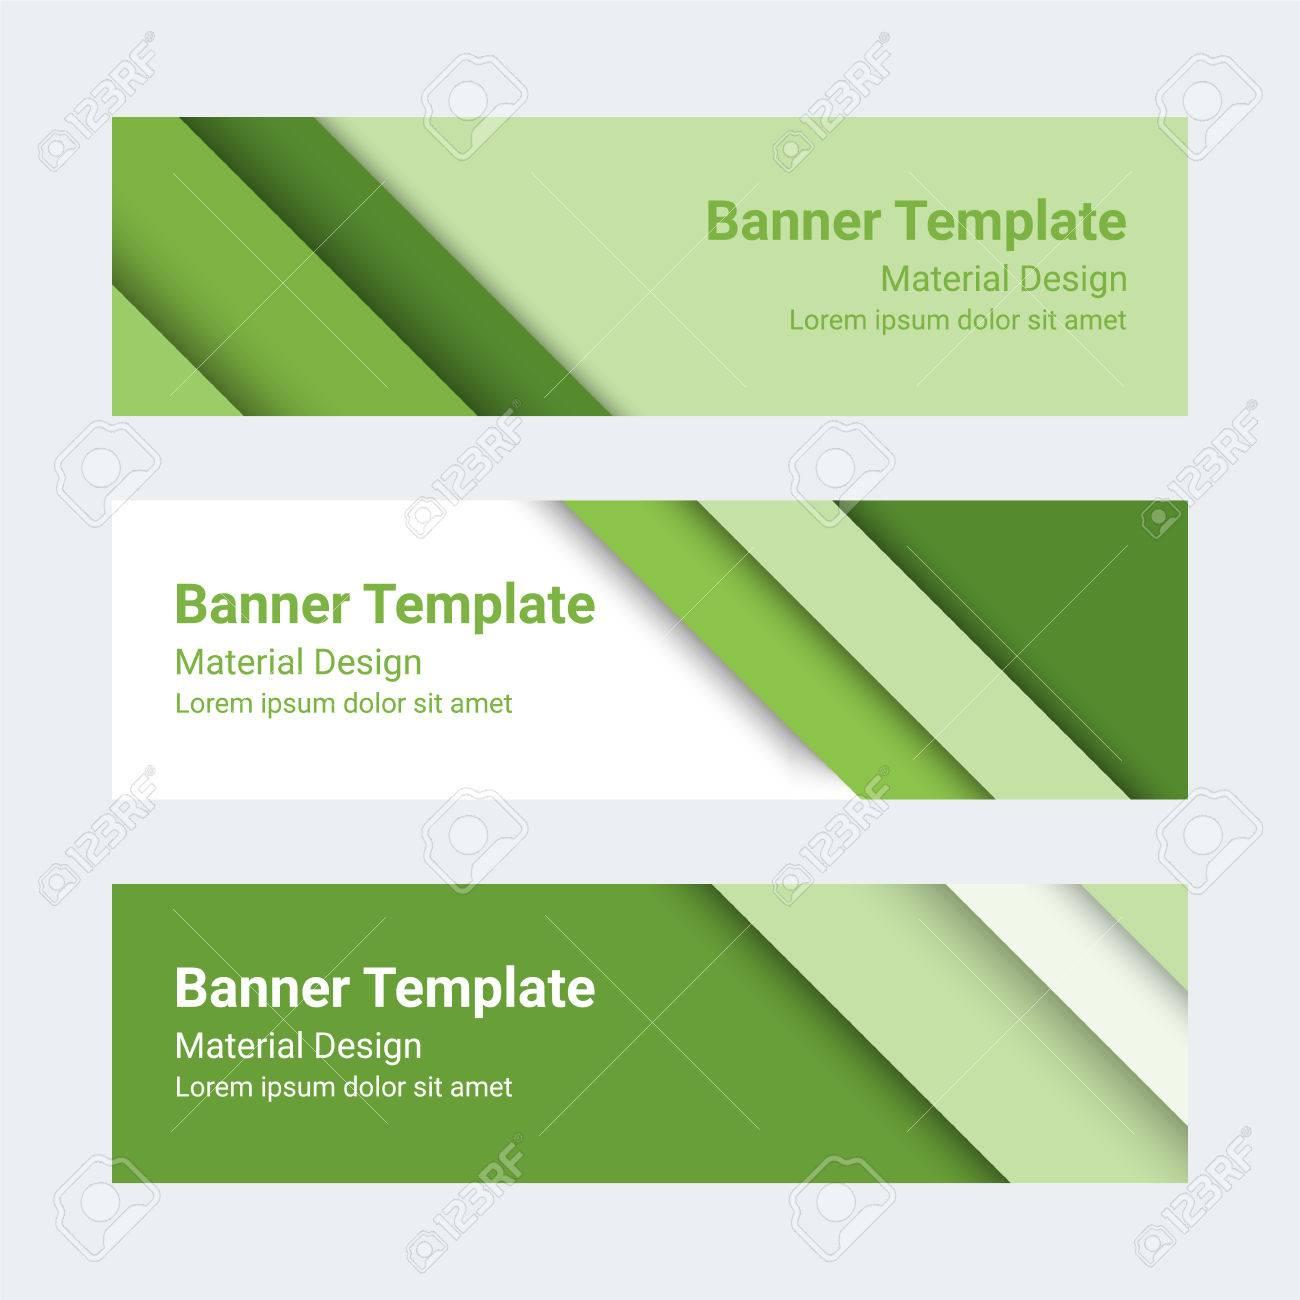 foto de archivo banners de diseo de materiales conjunto de banderas de colores modernos encabezados de pgina se puede utilizar como una